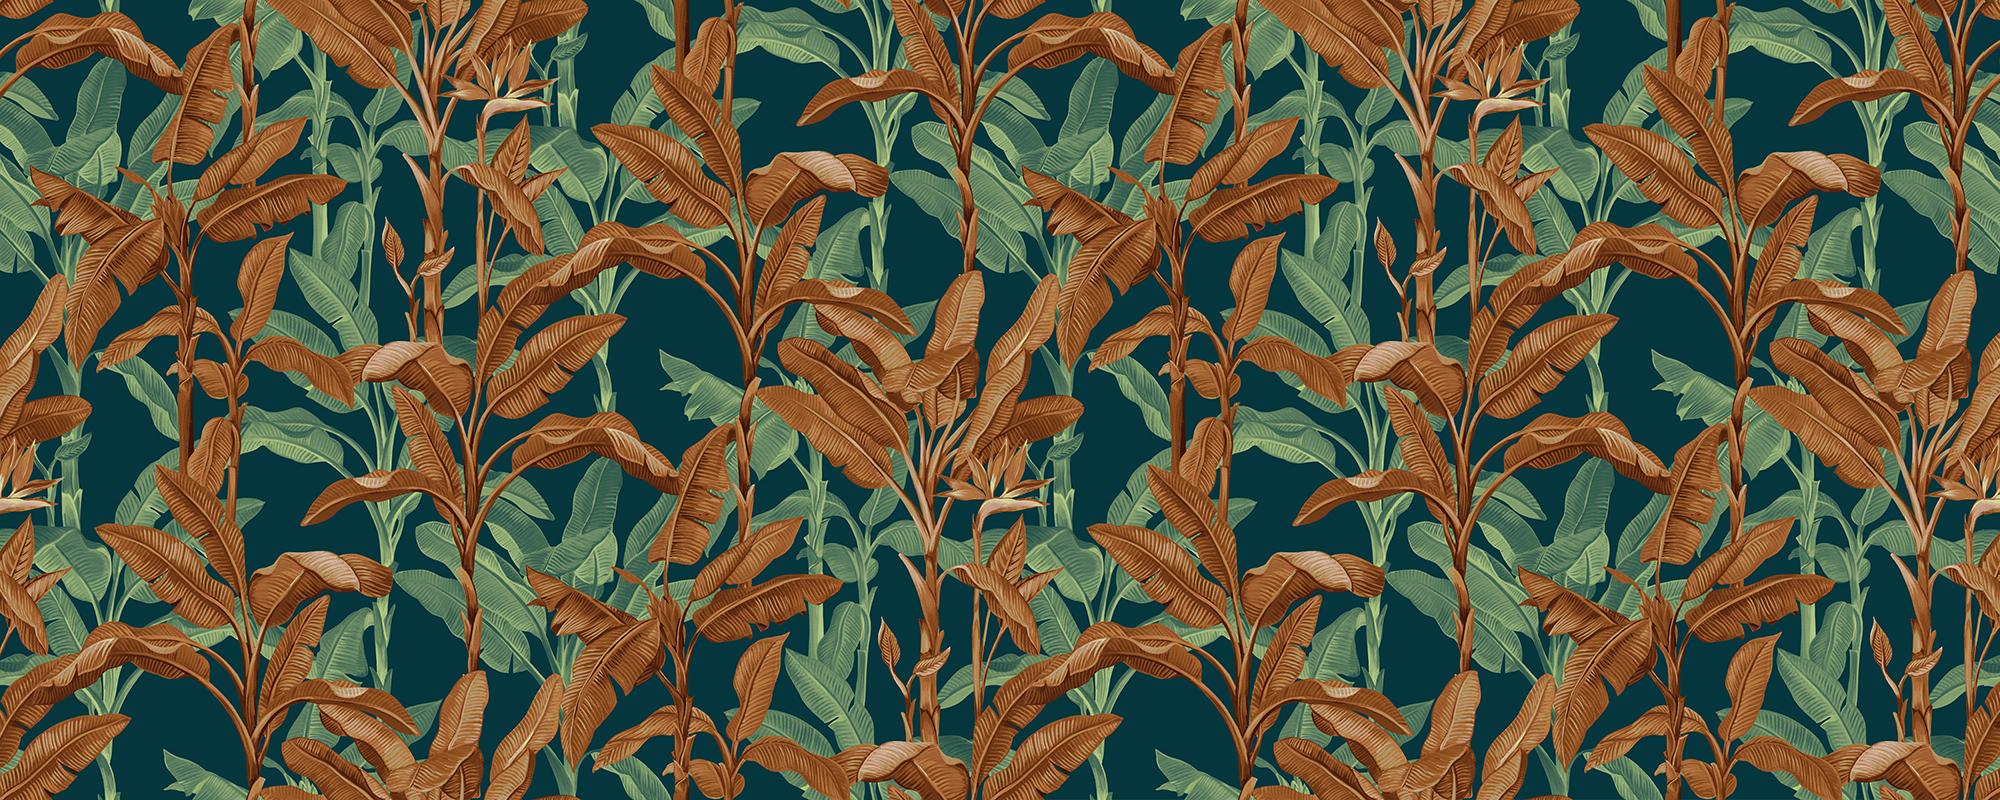 Papier peint feuilles de palmier ambre et vert